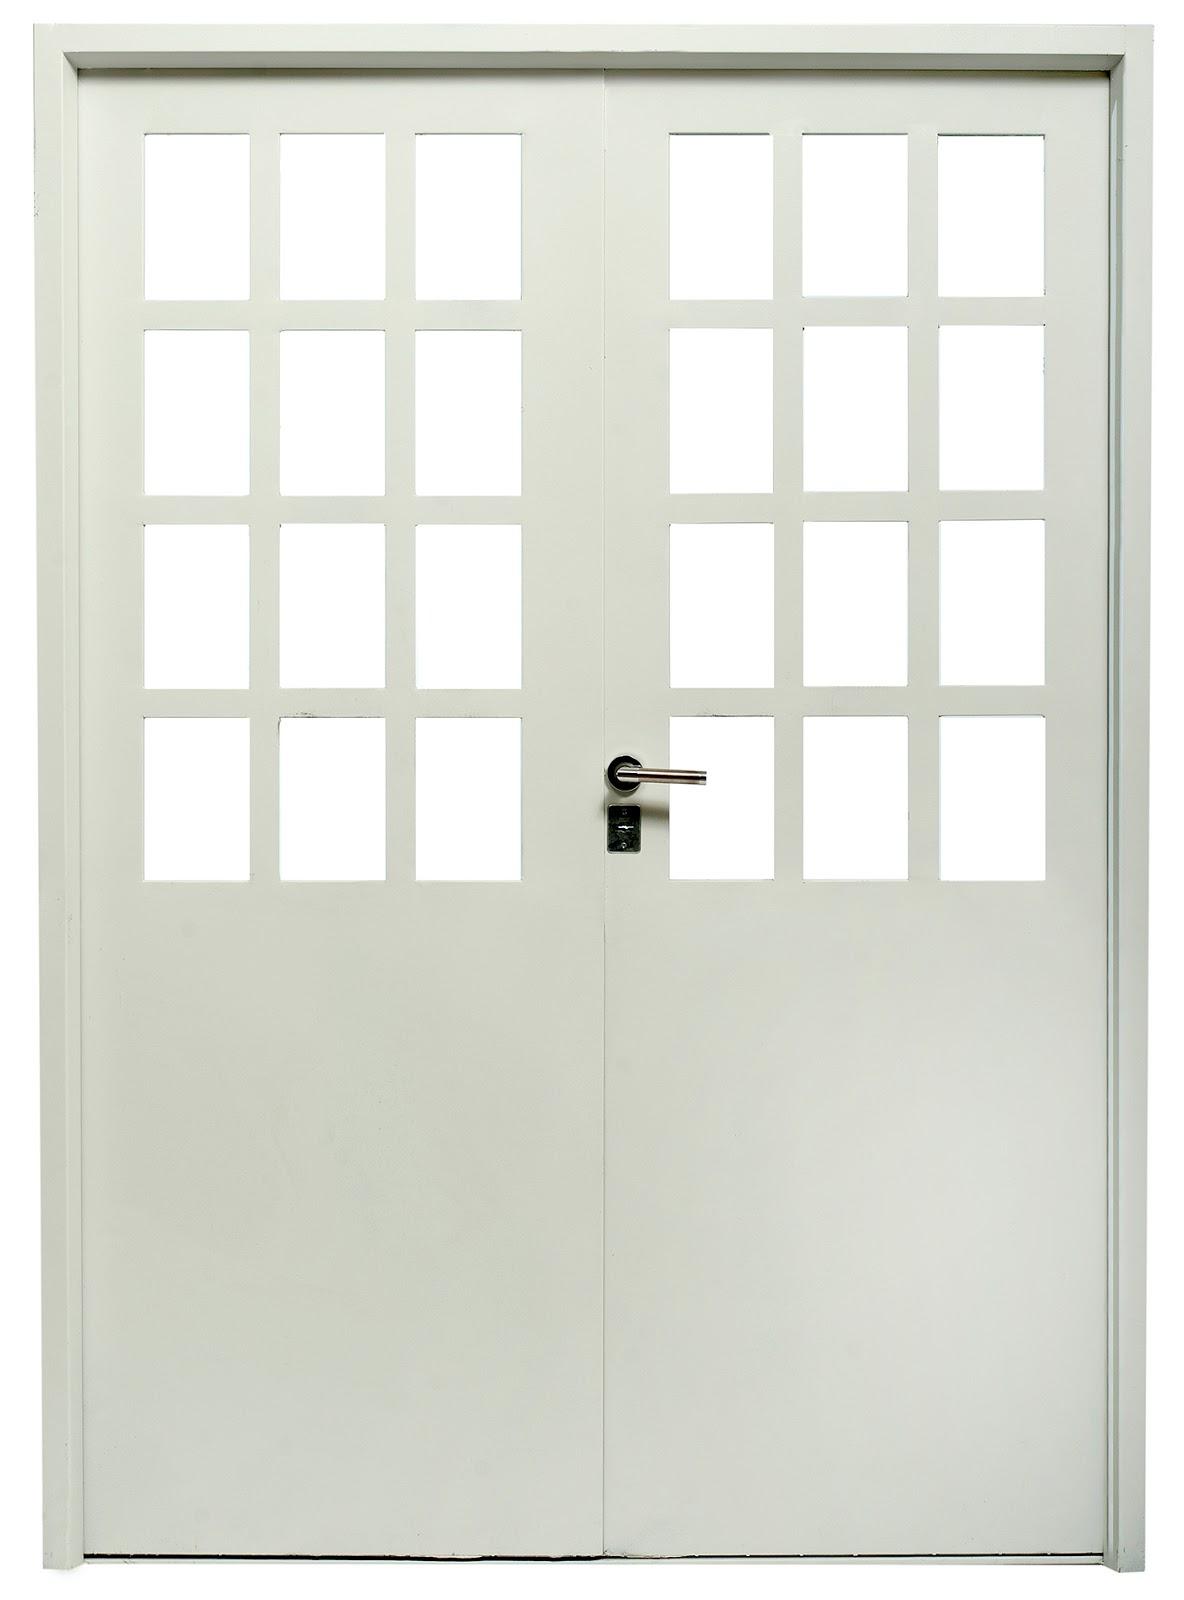 Aberturas placa norte - Puertas de aluminio doble hoja ...